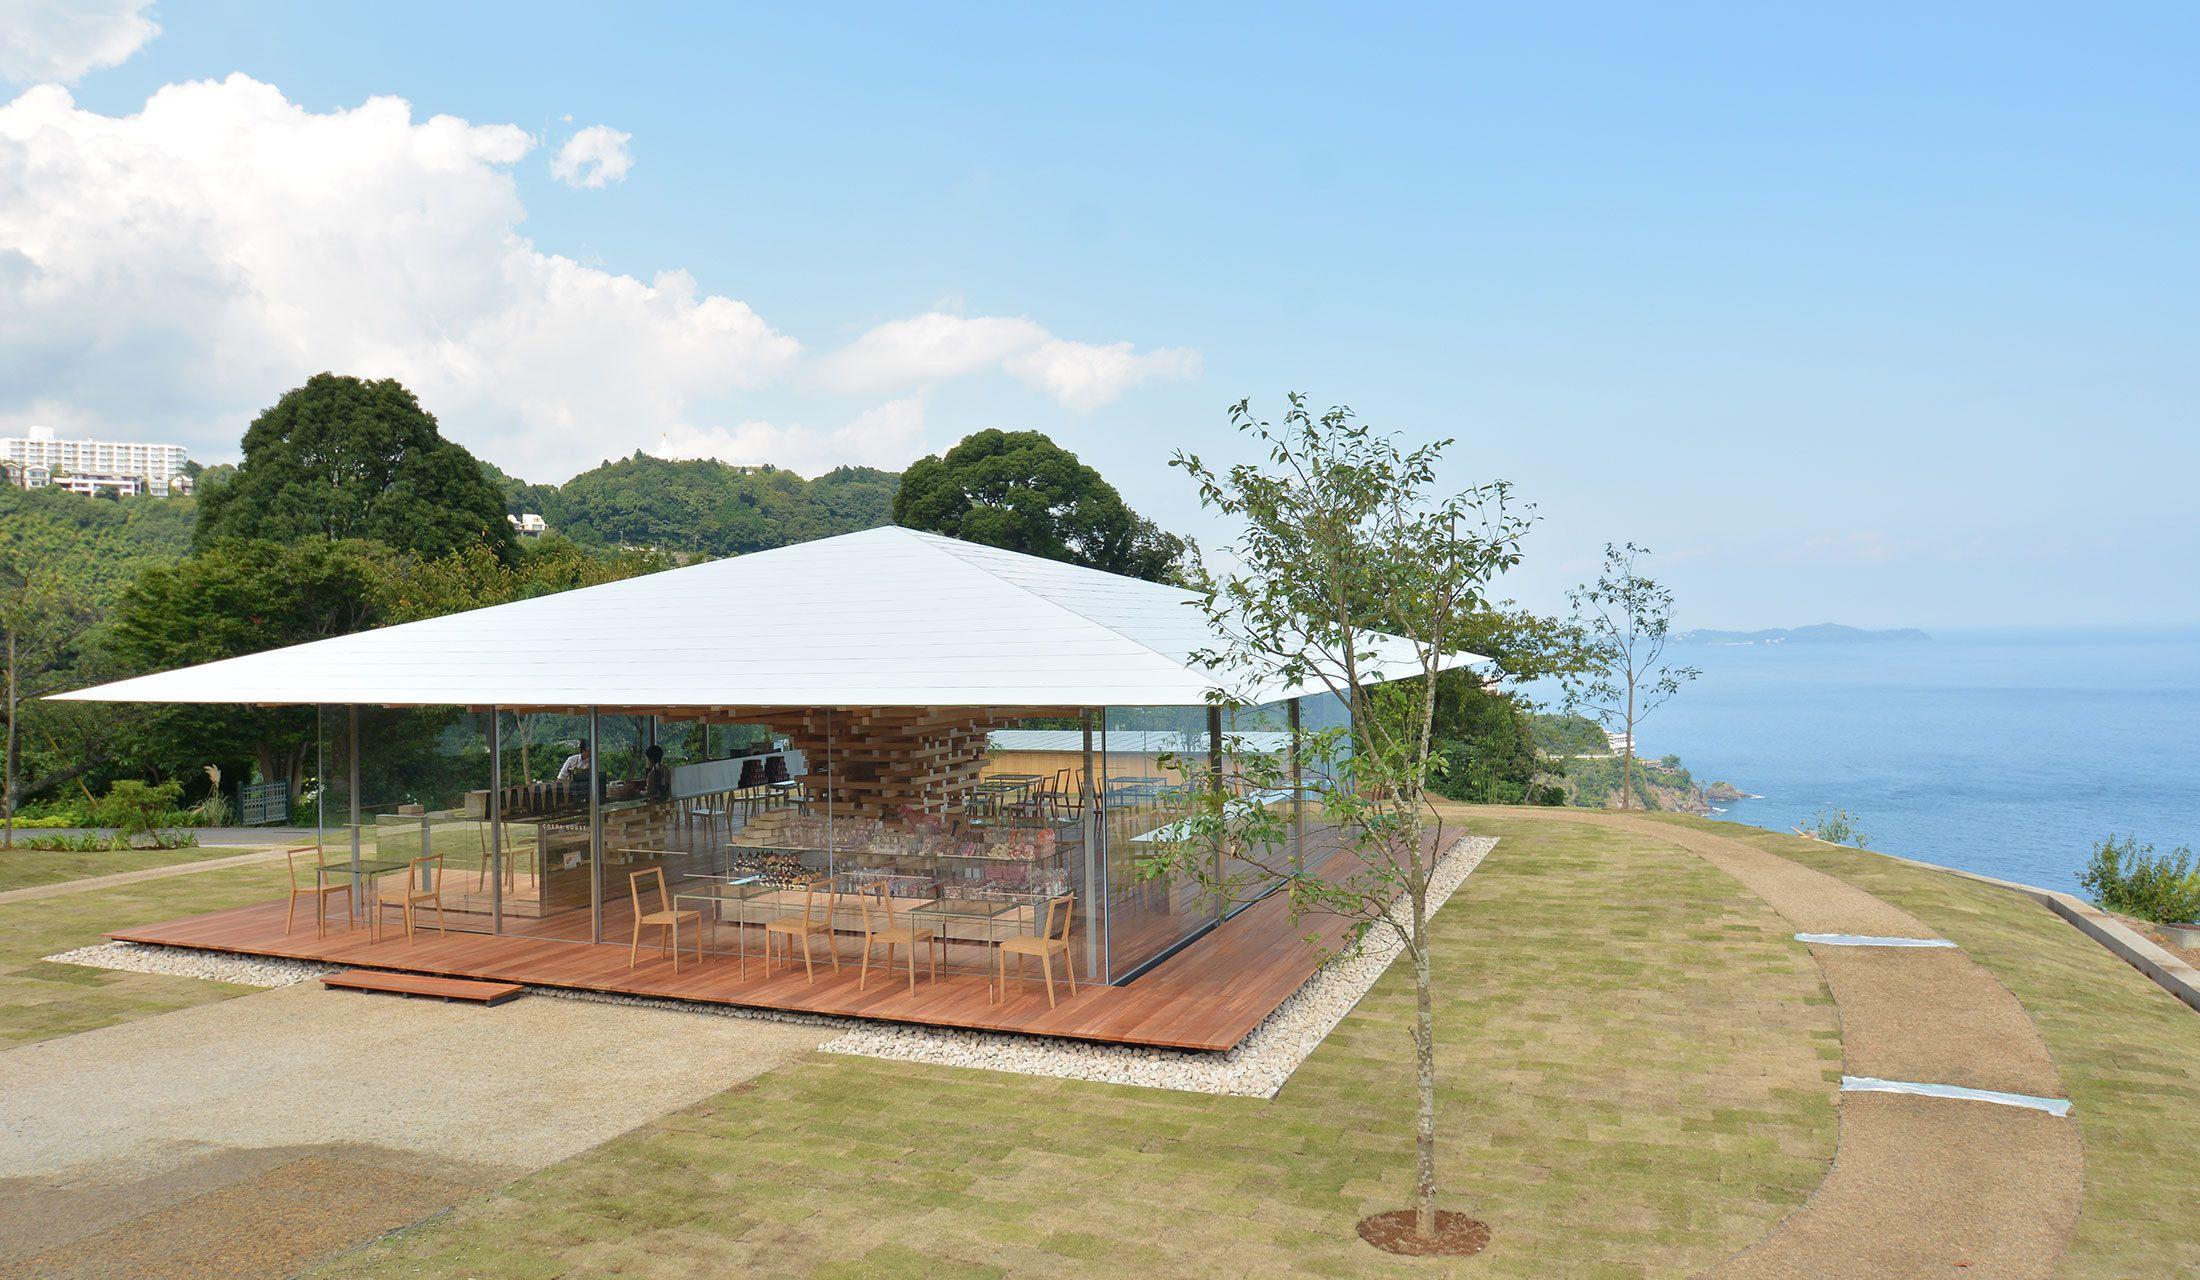 熱海のアカオハーブ&ローズガーデン内に隈 研吾さんが手がけるカフェ「COEDA HOUSE」がオープン